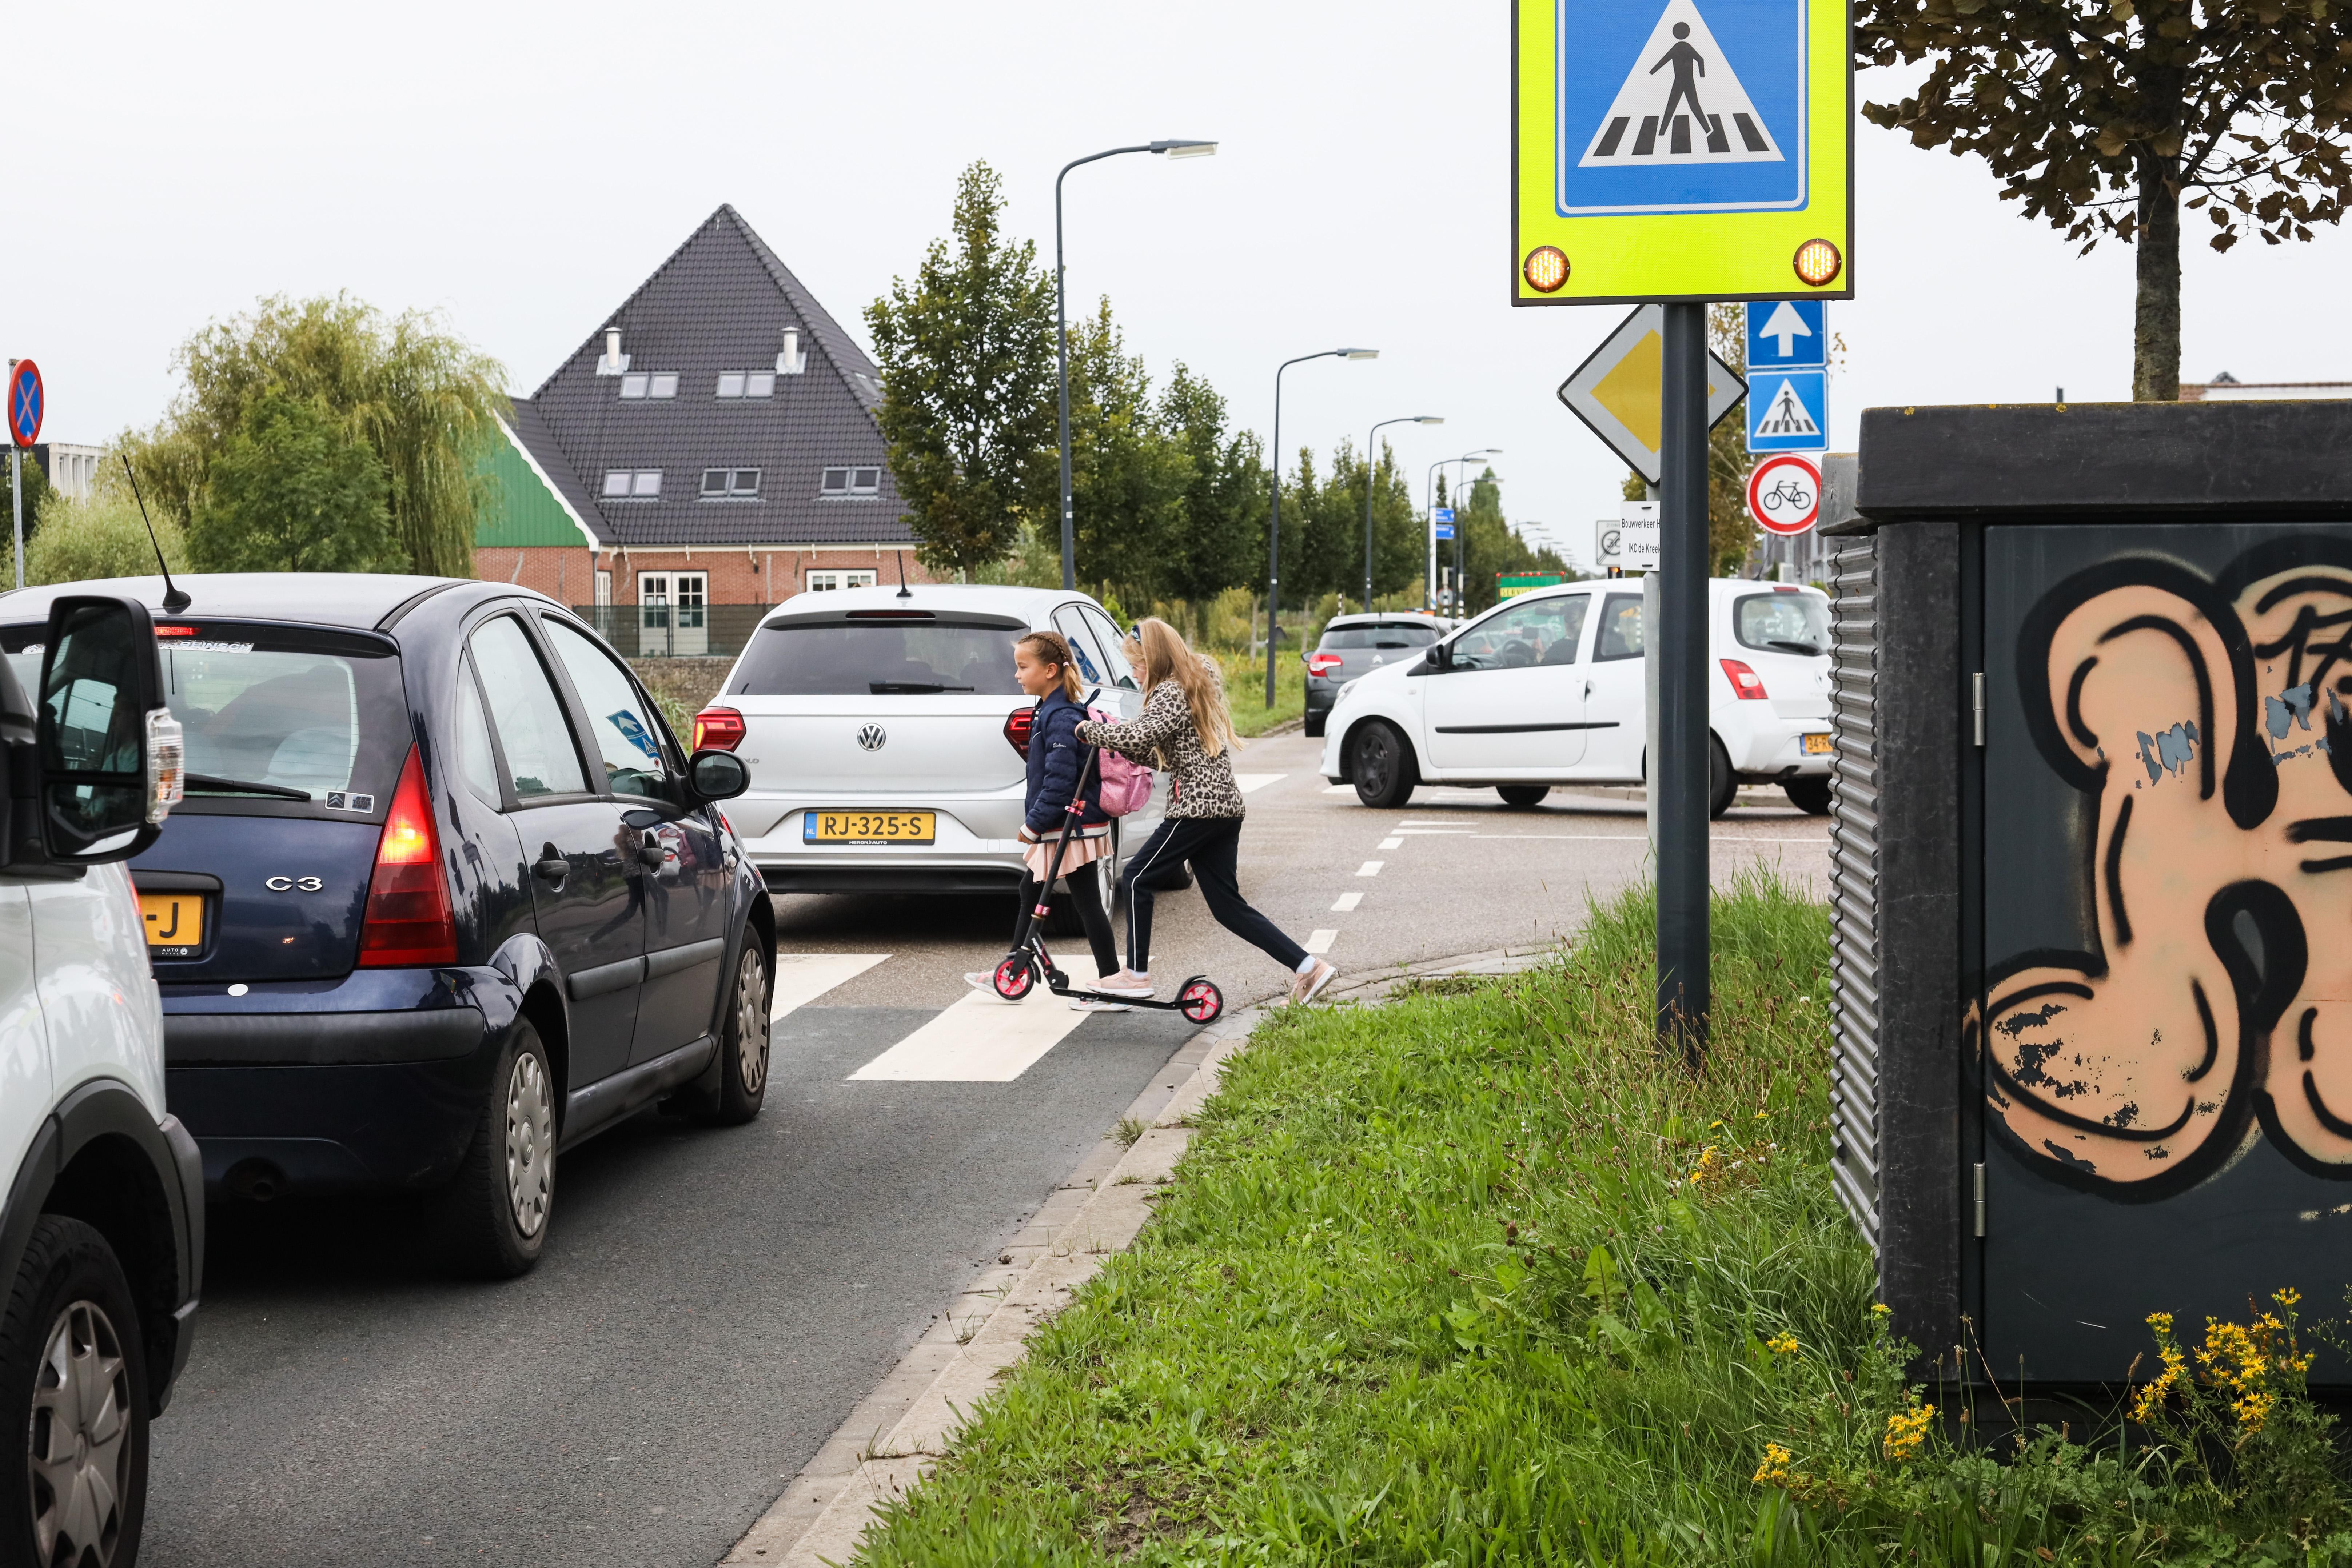 Gesprek over verplaatsing transformatorhuisje in Bangert en Oosterpolder dat zicht op zebrapad belemmert